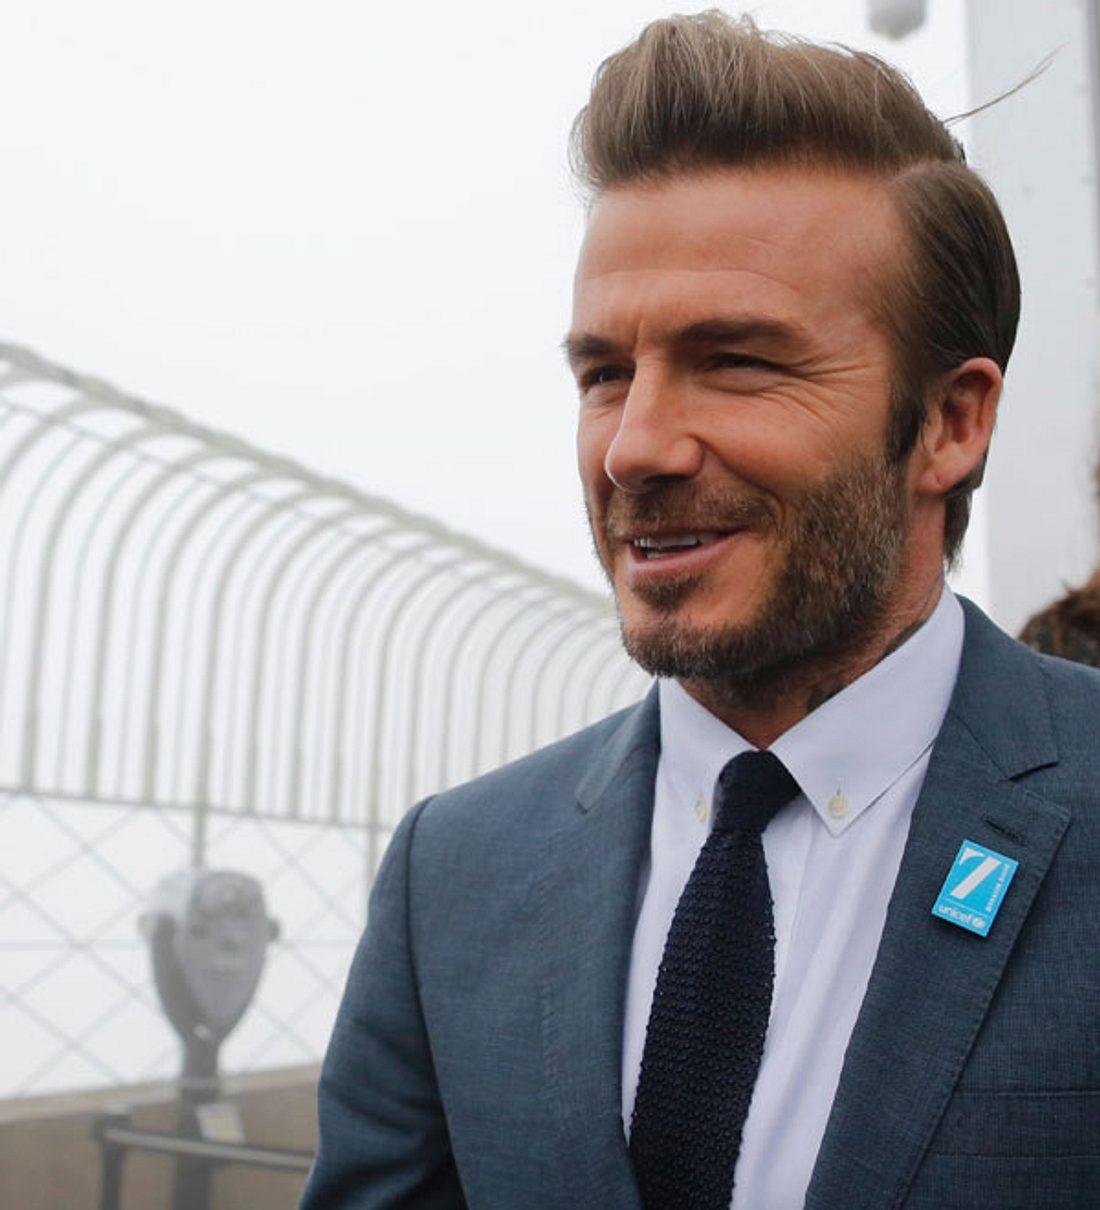 David Beckham: Dieses Video rührt zu Tränen!